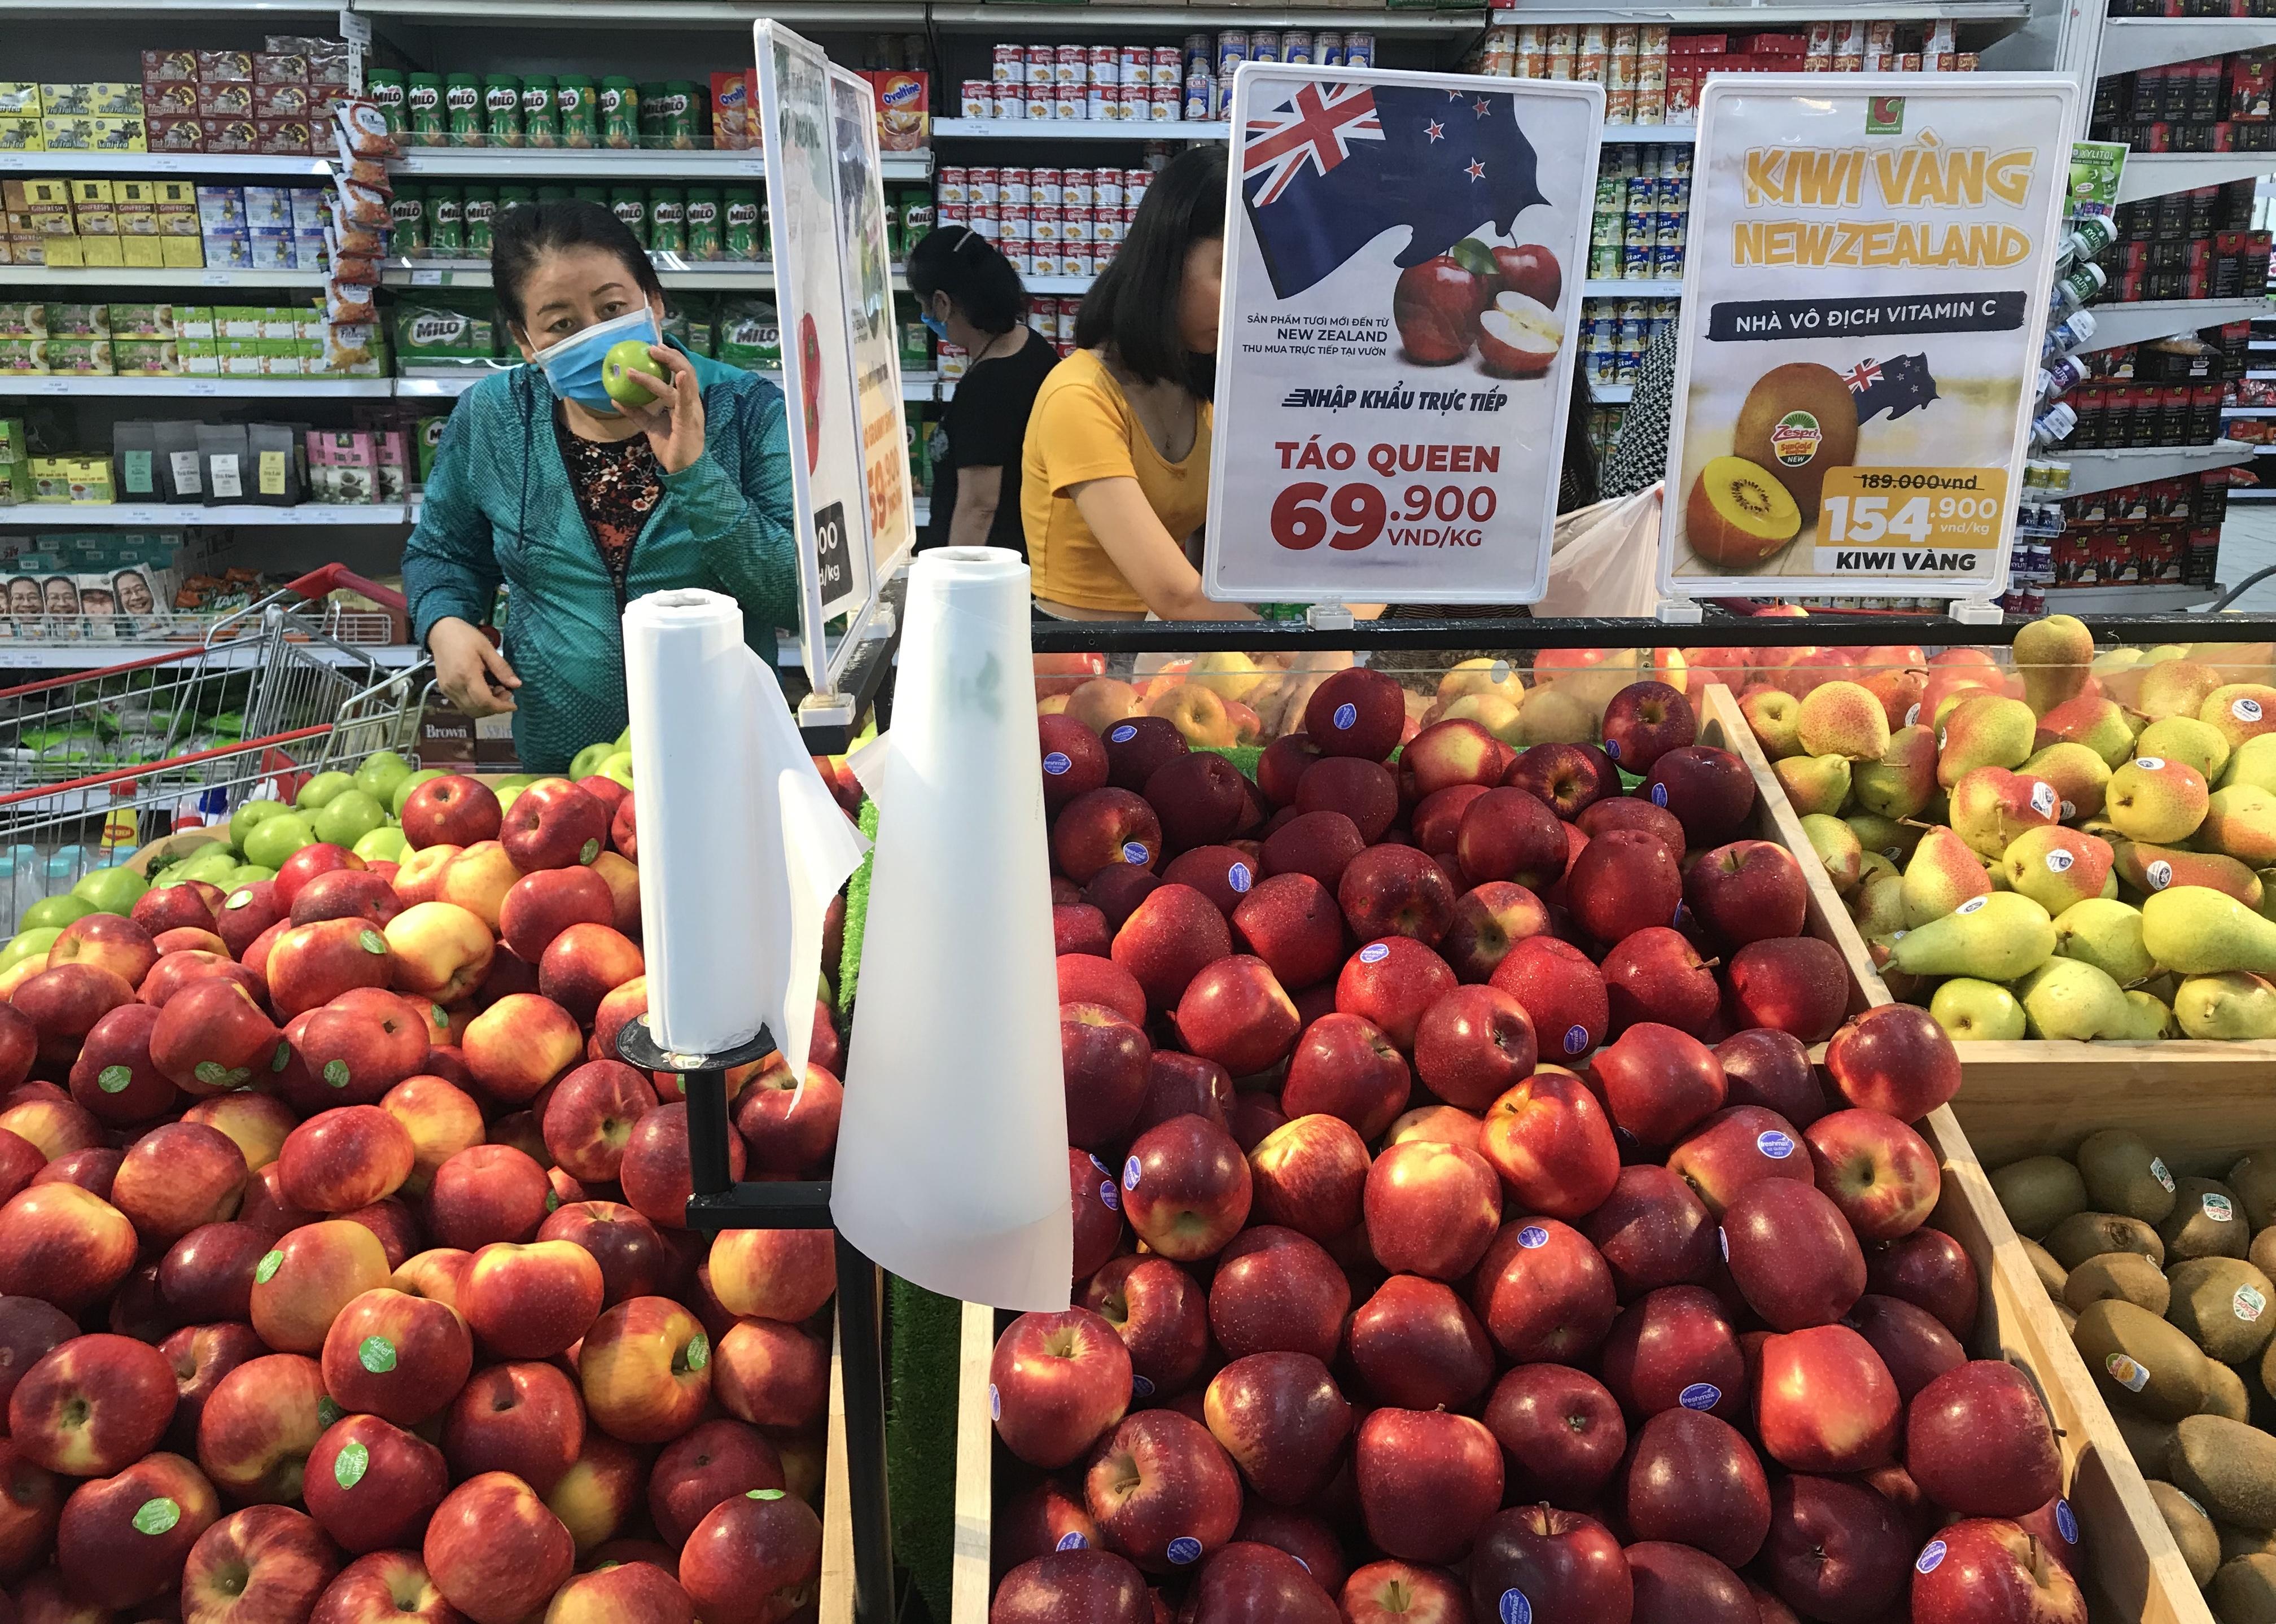 Sắp đóng cửa, Big C miền Đông ồ ạt khuyến mãi, người tiêu dùng lạc trong mê cung hàng giá sốc - Ảnh 10.